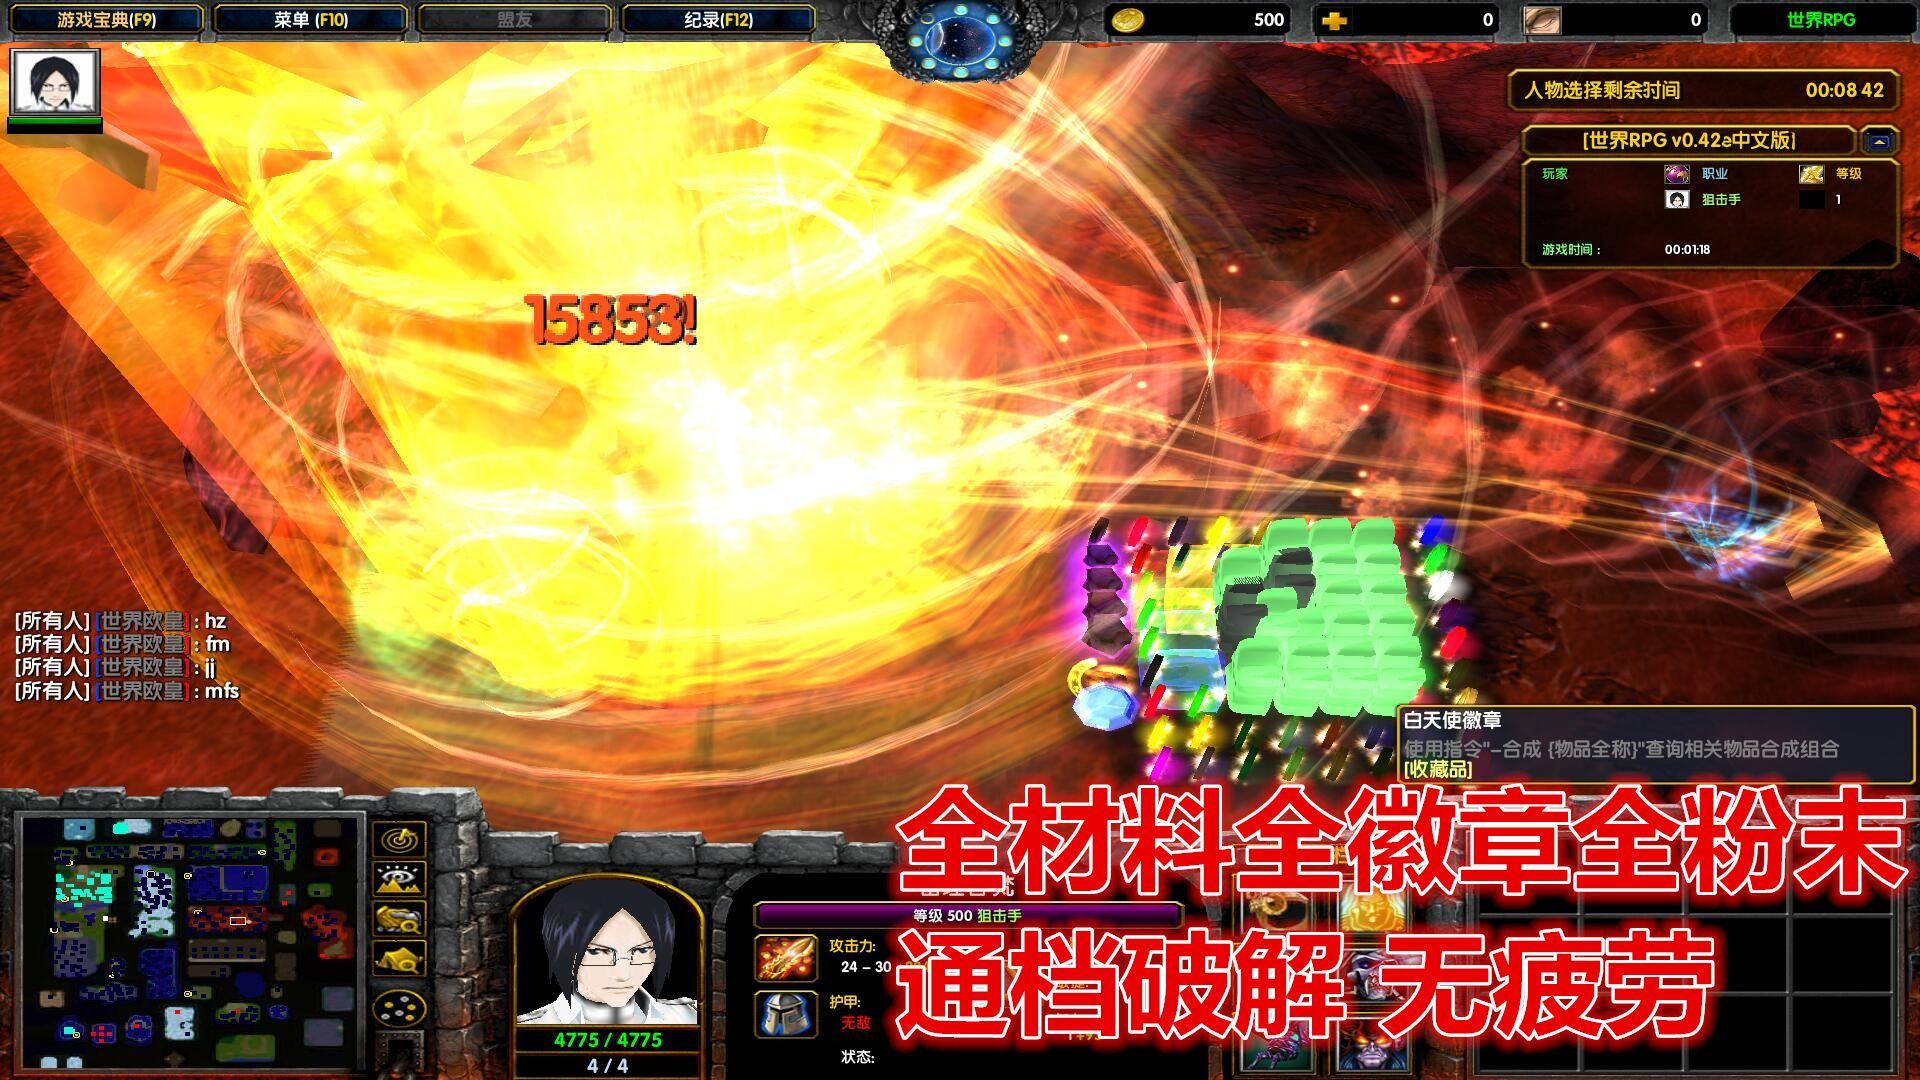 世界RPGv0.42e中文版TOP破解 可通档+无疲劳值+高爆几率+刷粉尘\结晶+刷物品+BOSS徽章